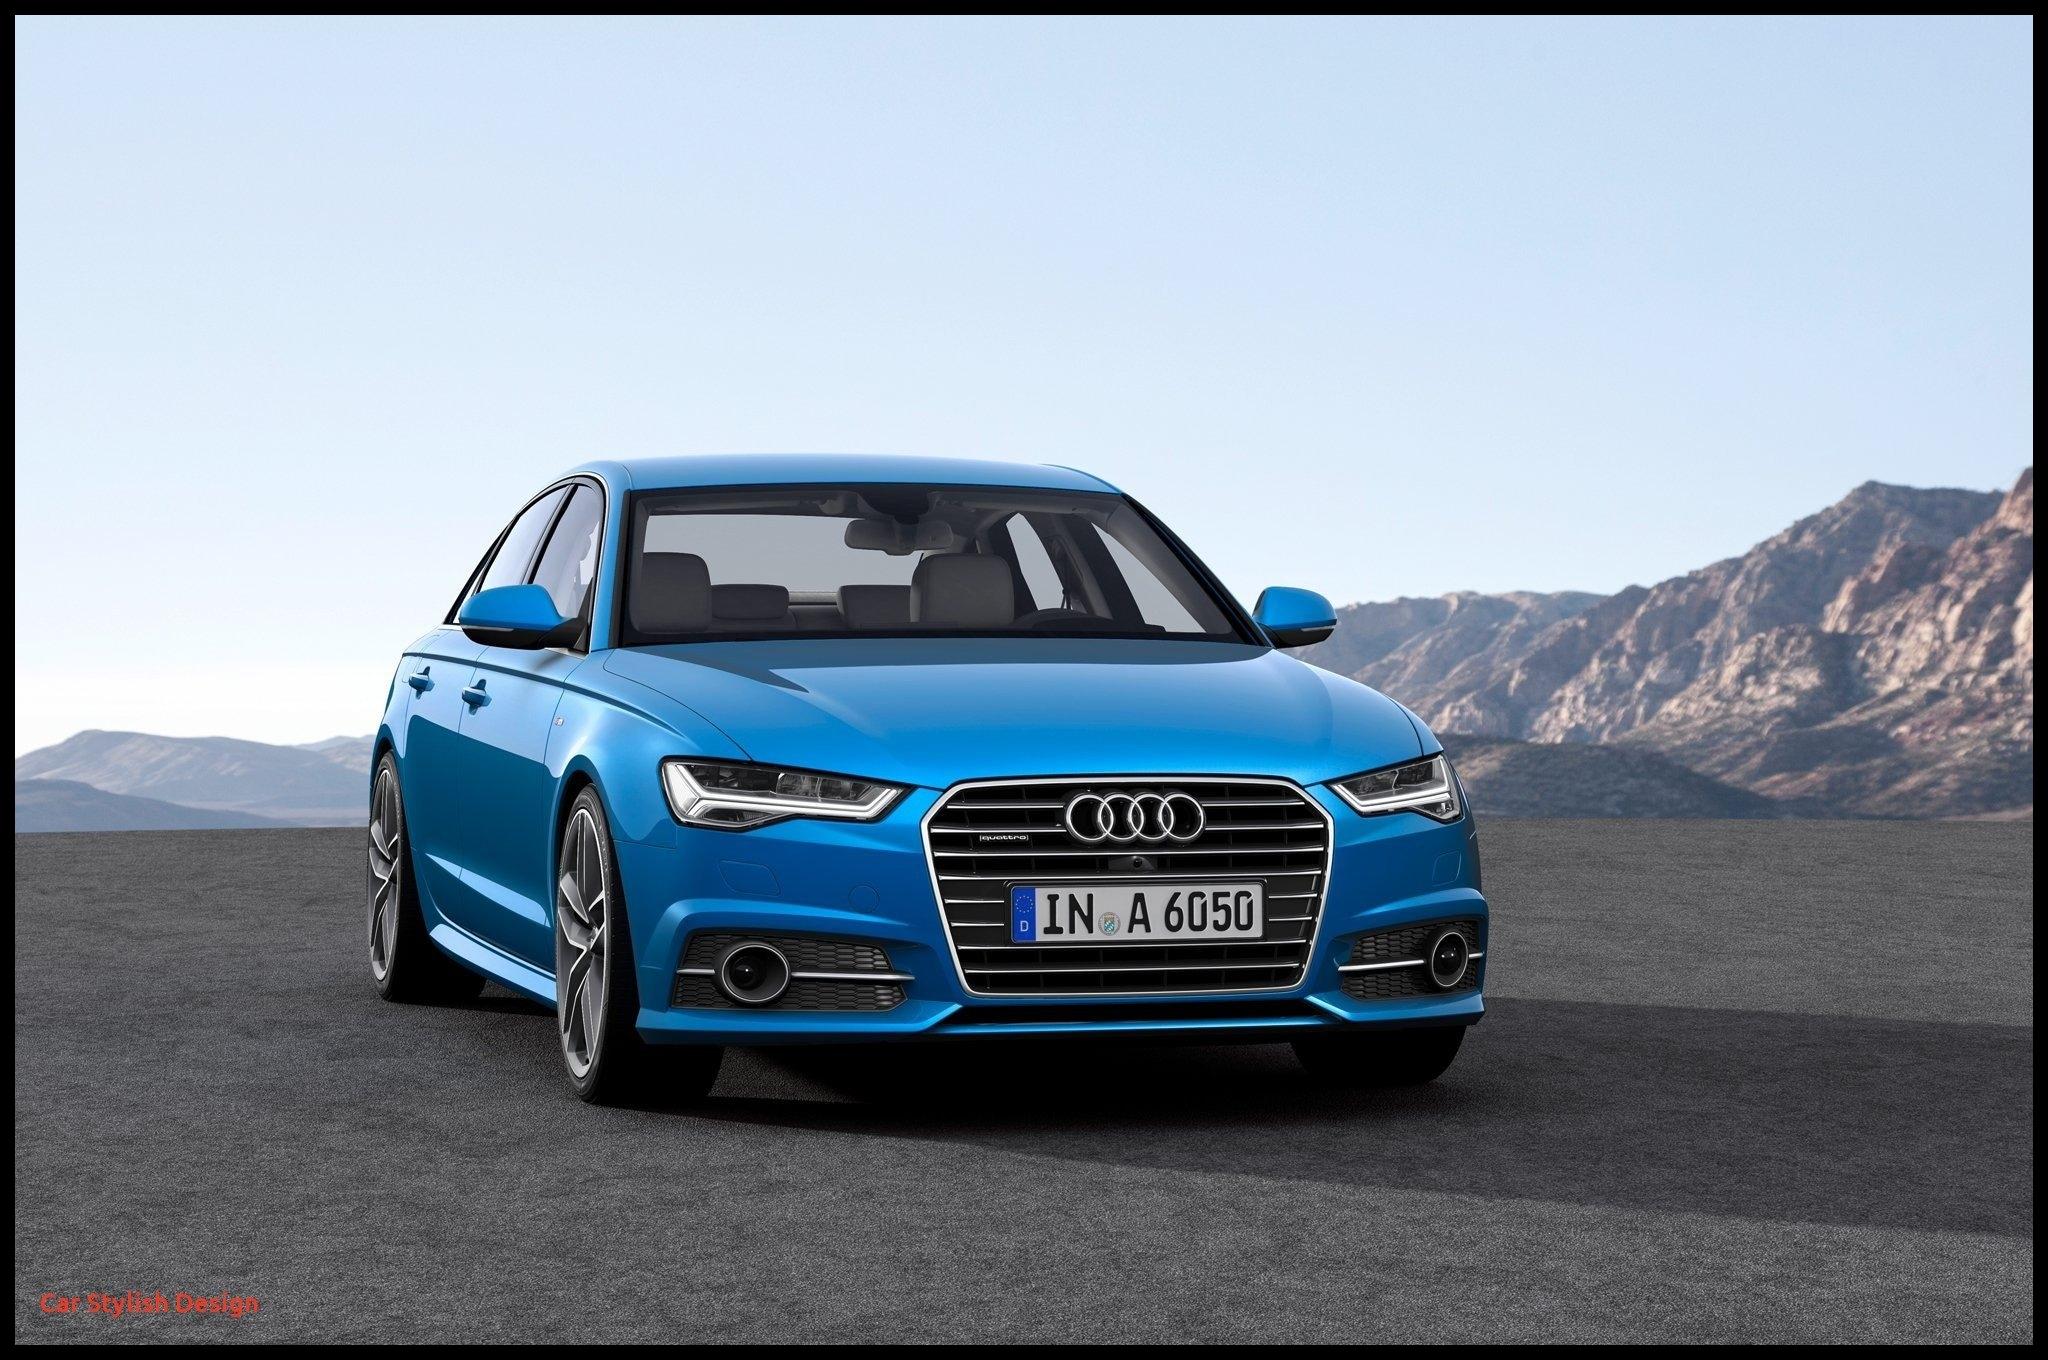 Audi A6 Avant Inspirational Audi A6 Avant 2017 1600 0d Auto 2018 J 9 X O 2010